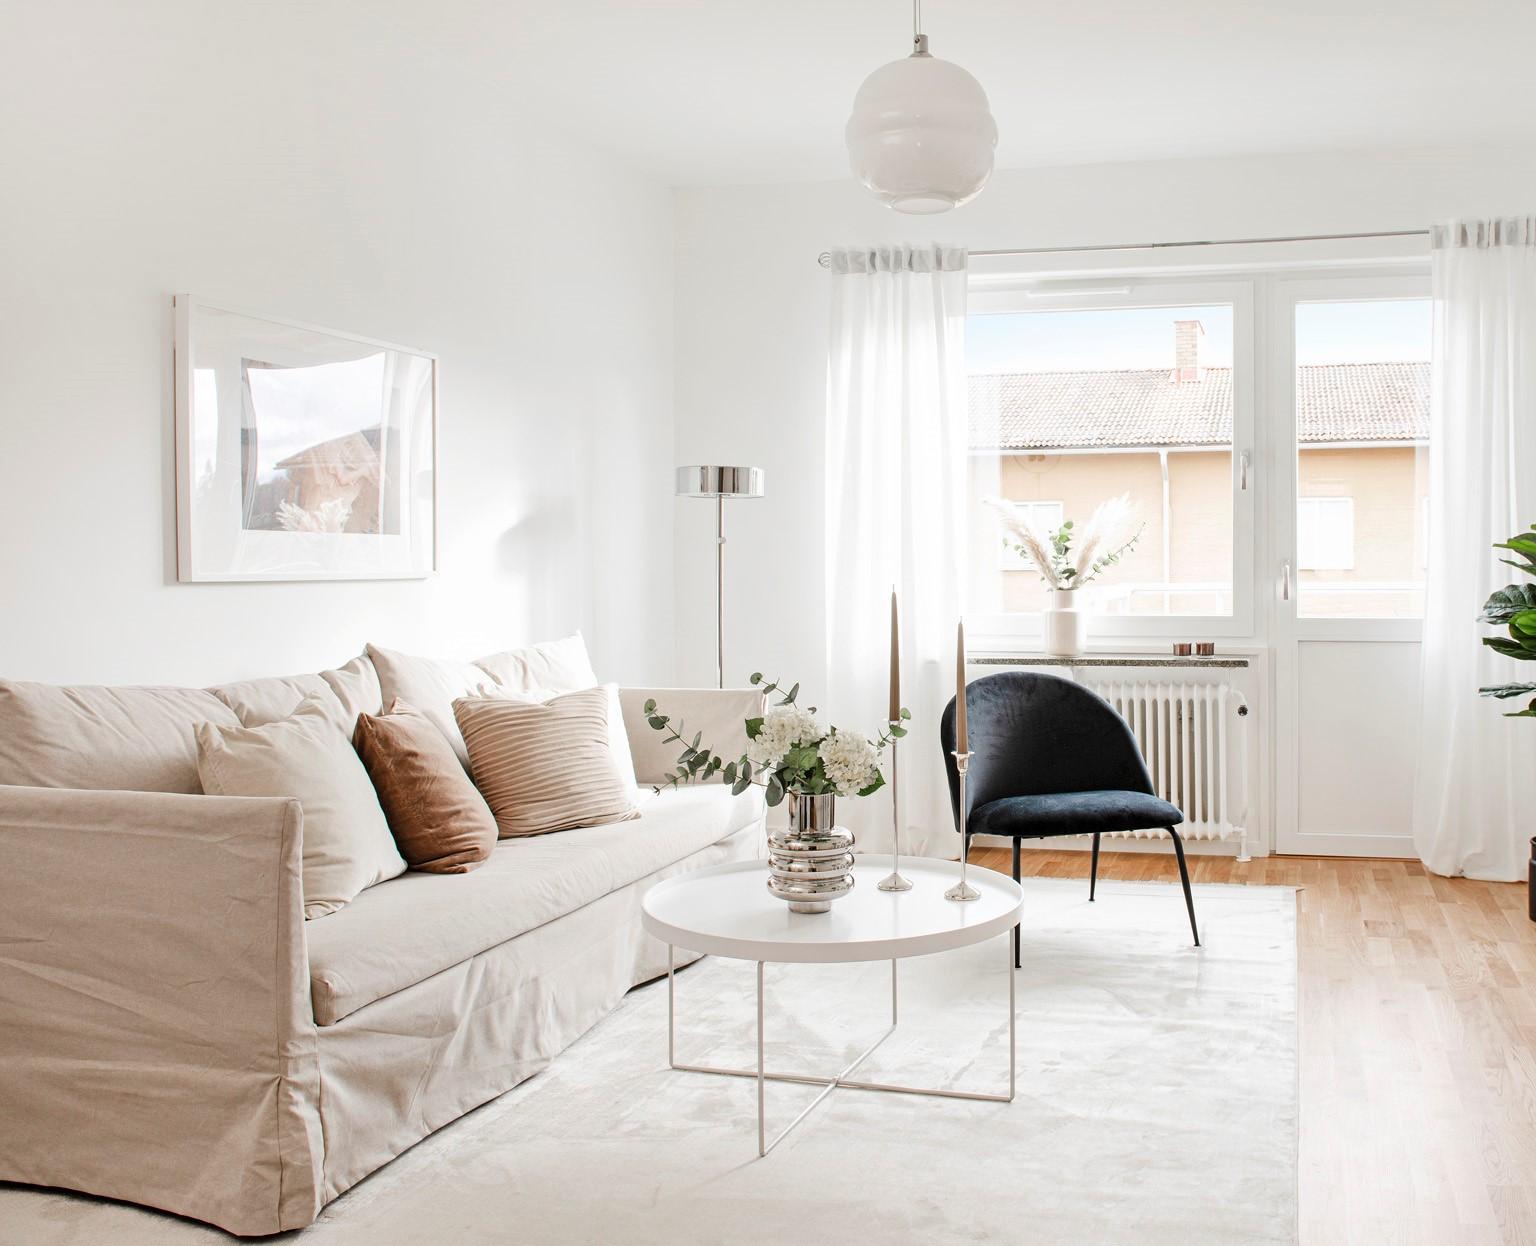 Lediga lägenheter Skara